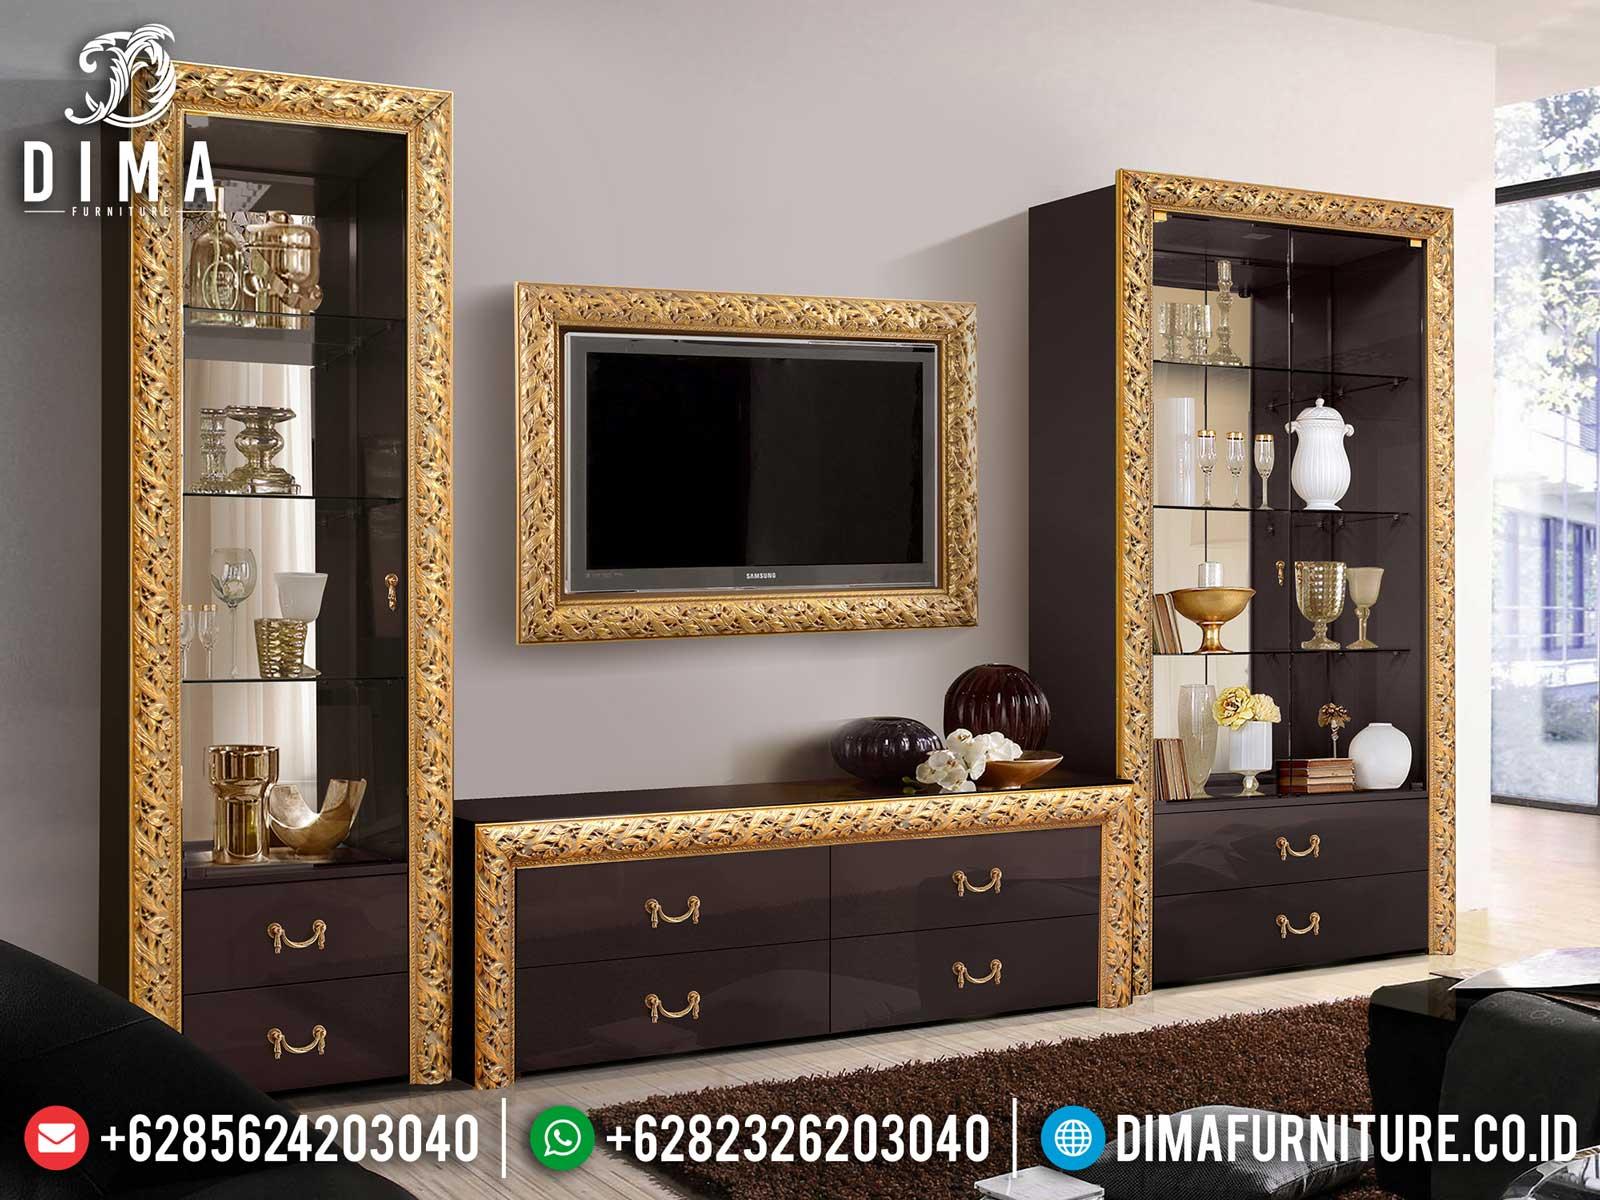 Inspiring Design Bufet TV Minimalis Mewah Golden Carving Luxury Jepara ST-1022